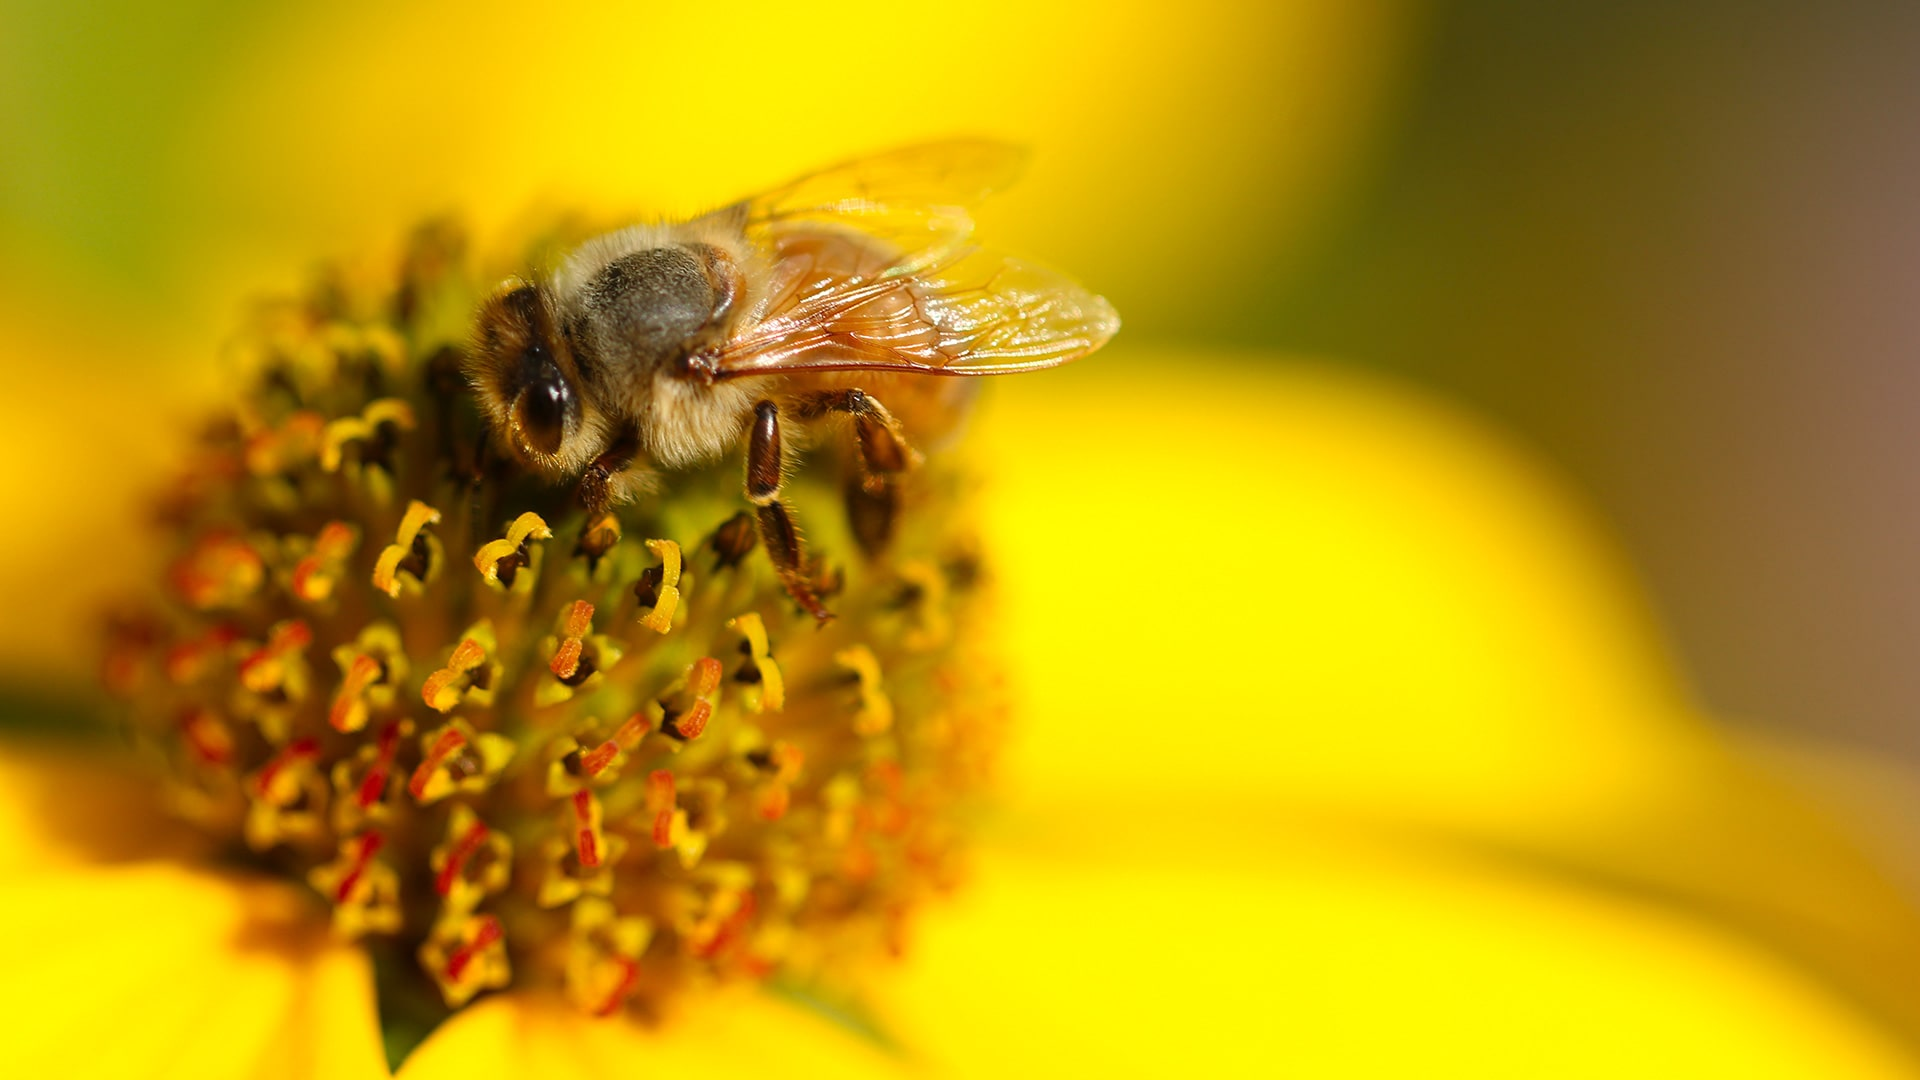 abeille sur fleur jaune